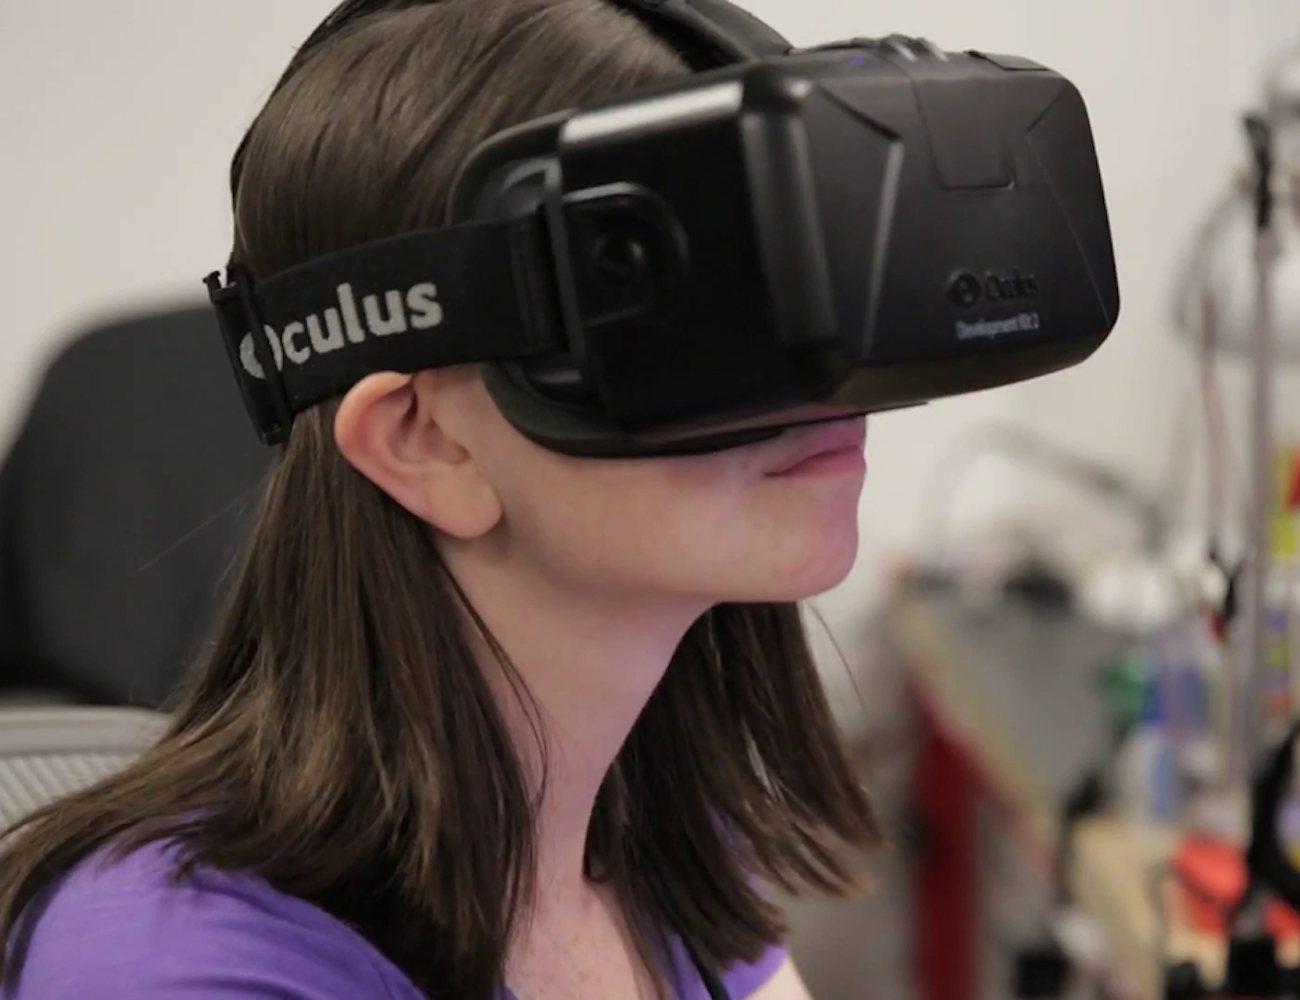 oculus-rift-developers-kit-03